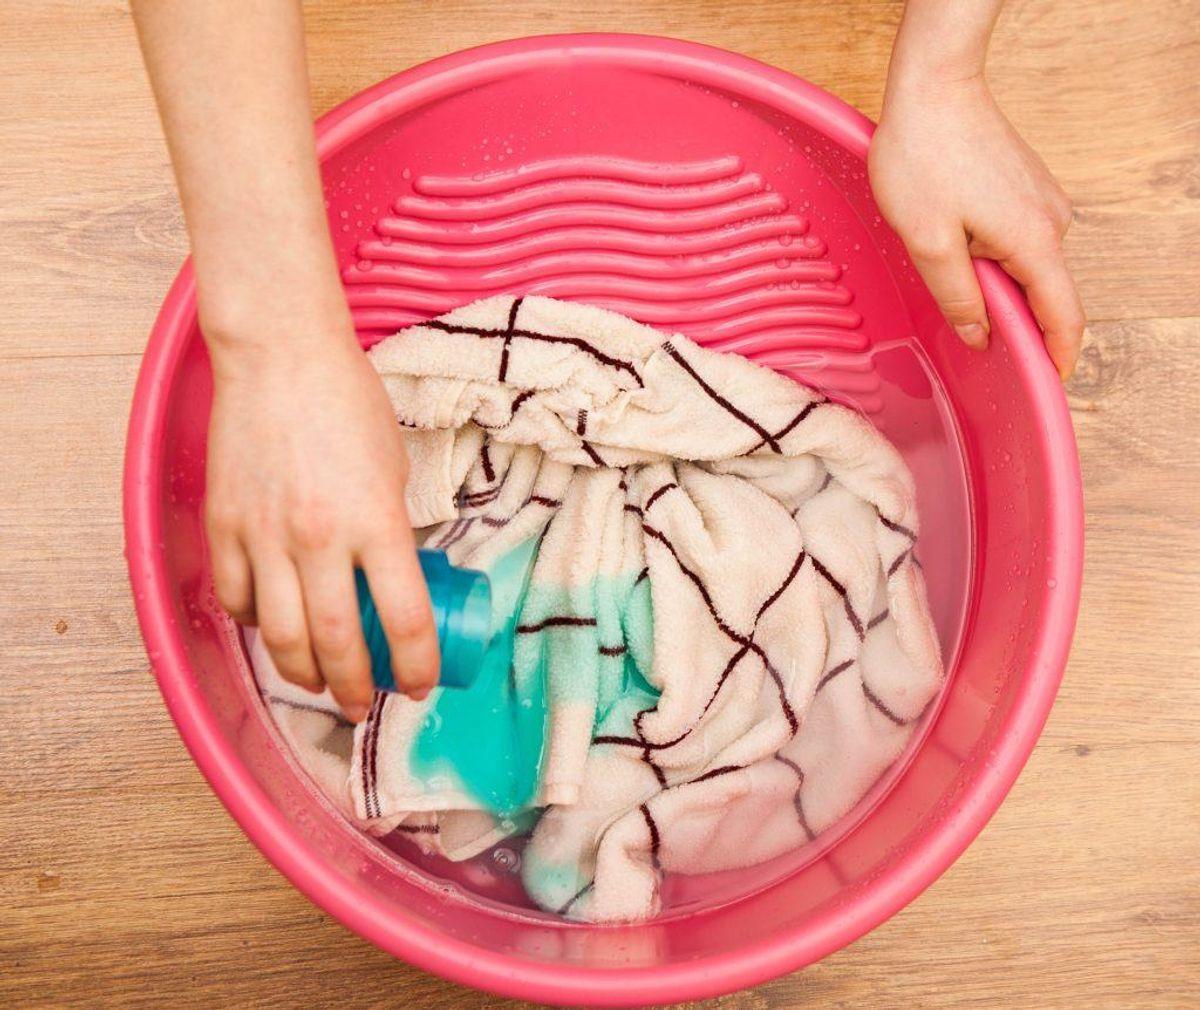 Rækkefølgen for hvordan du putter vaskemiddel i vaskemaskinen er ikke ligegyldig – det er for eksempel ikke smart at hælde vaskemiddel direkte på tøjet. Sørg for, at tøjet først er vådt, og put derefter vaskemiddel i maskinen. Kilde: Reader's DIgest. Arkivfoto.